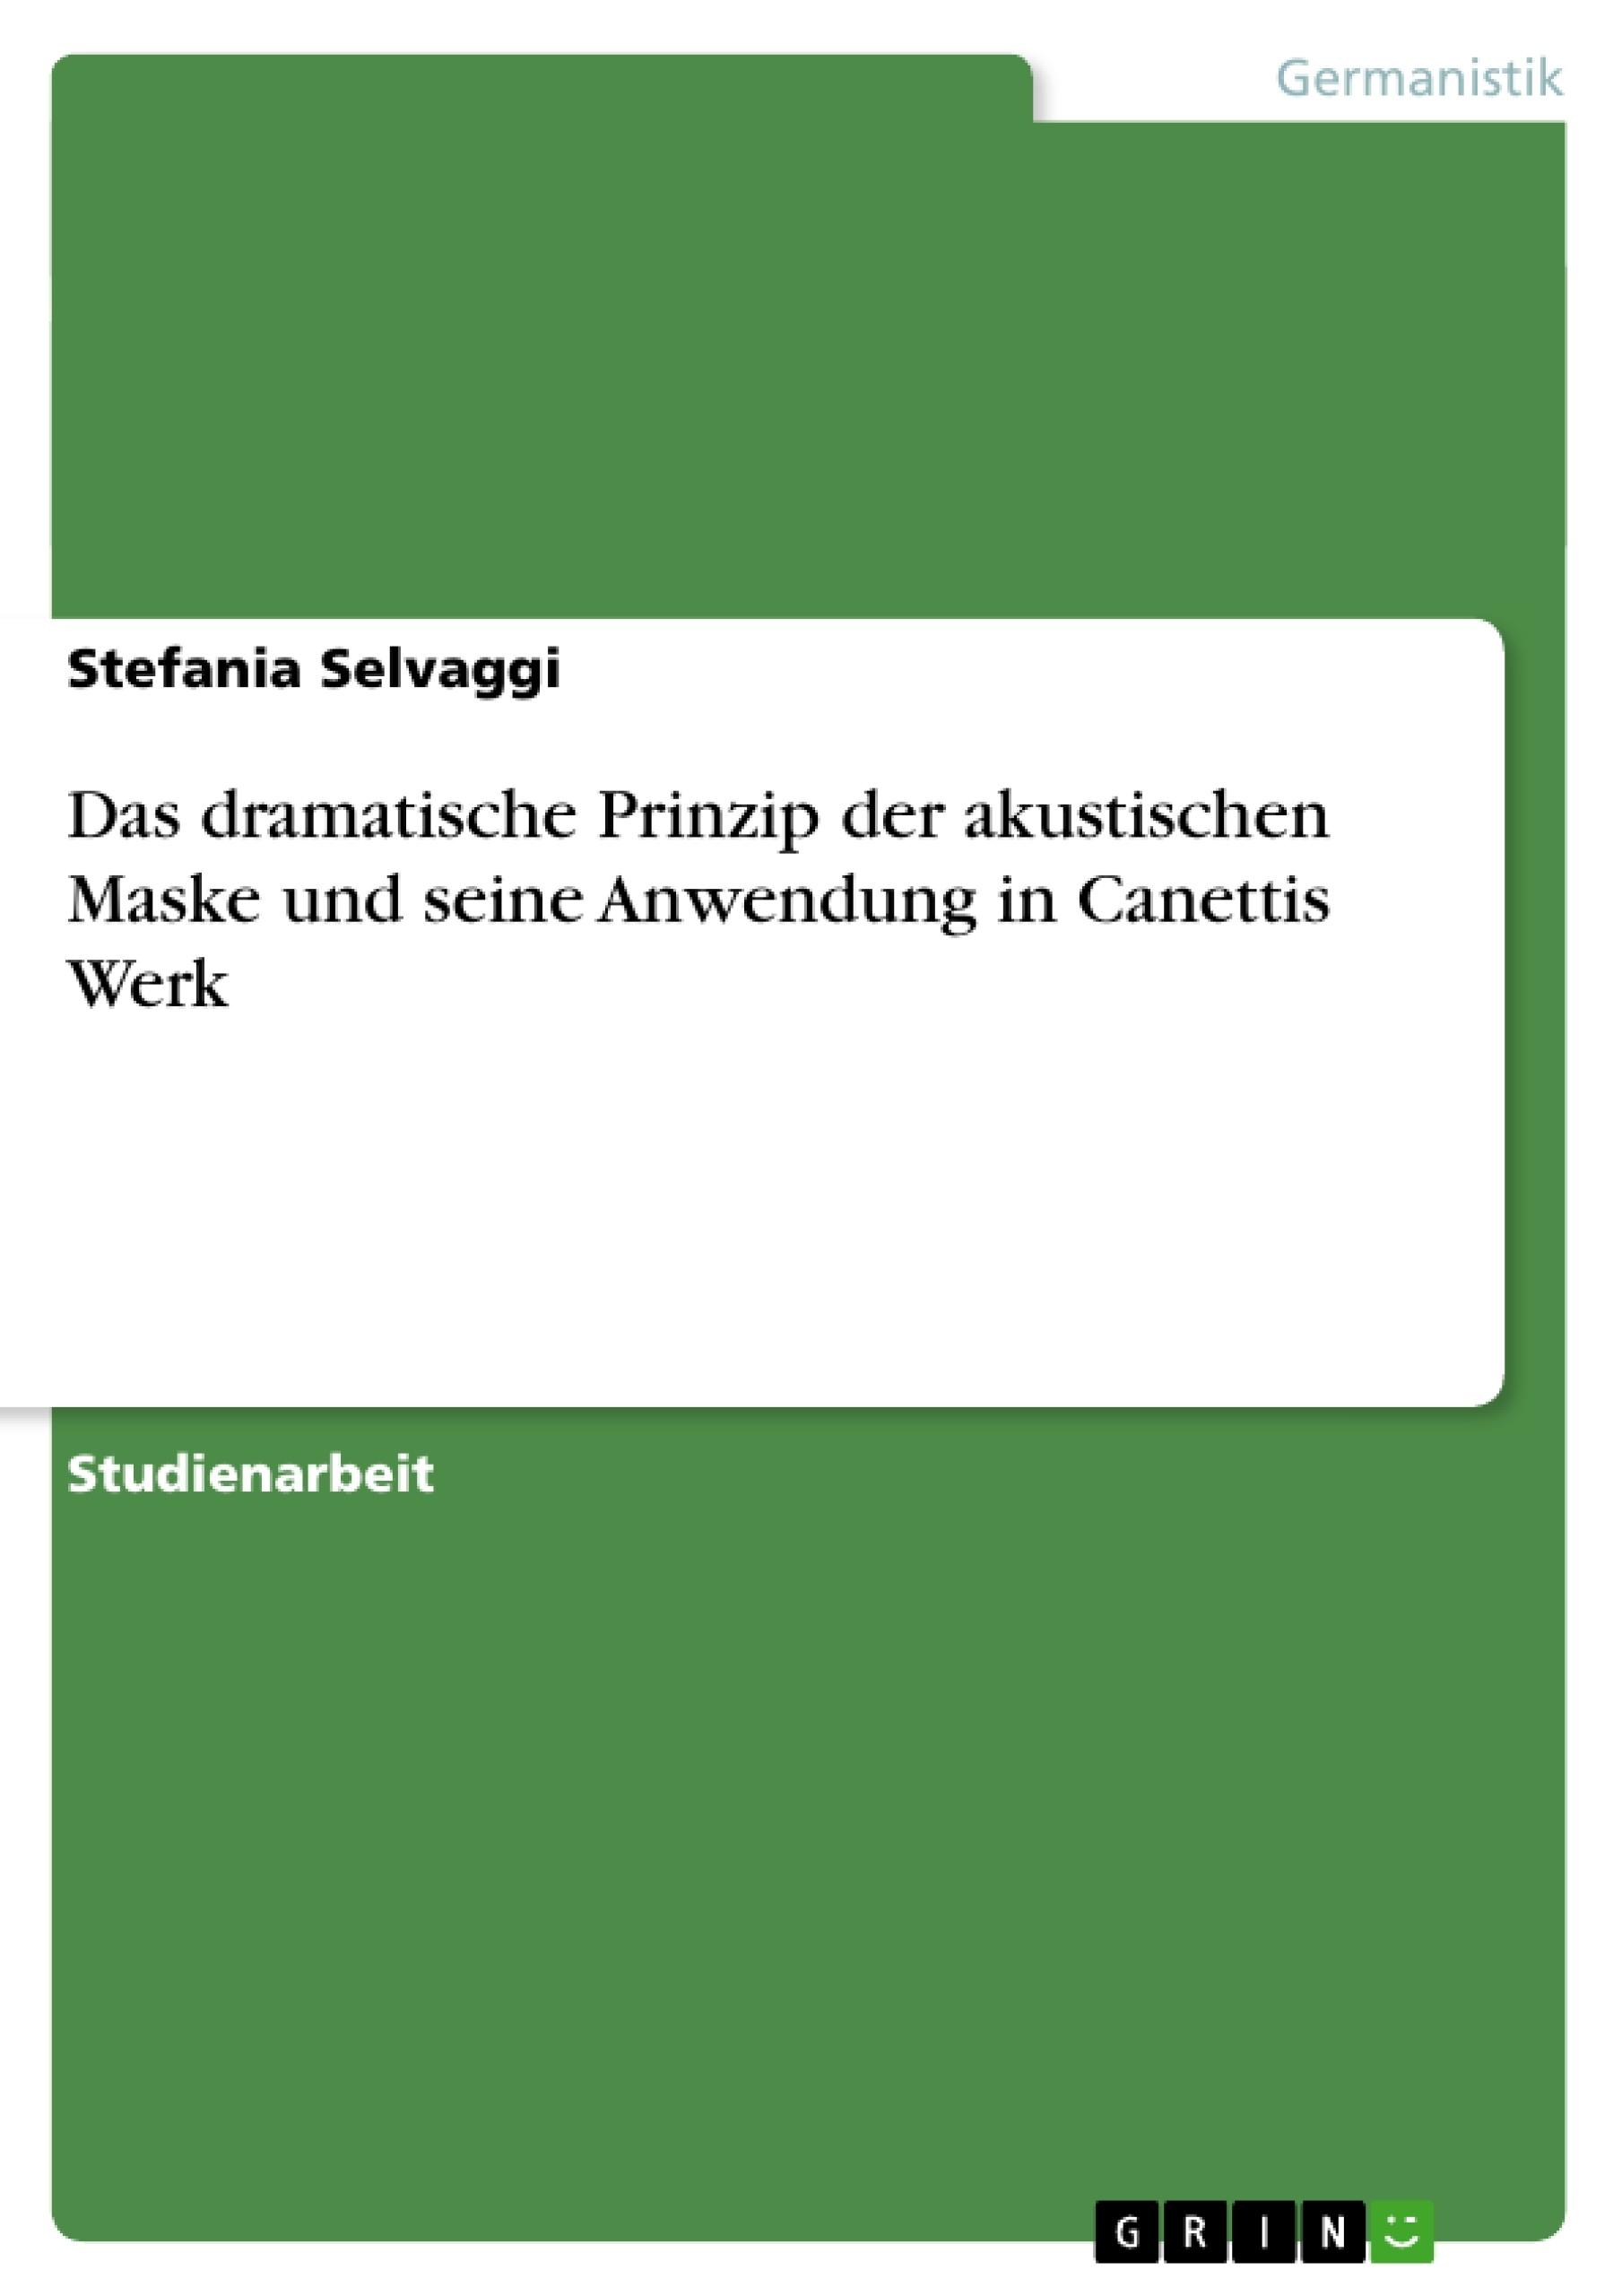 Titel: Das dramatische Prinzip der akustischen Maske und seine Anwendung in Canettis Werk